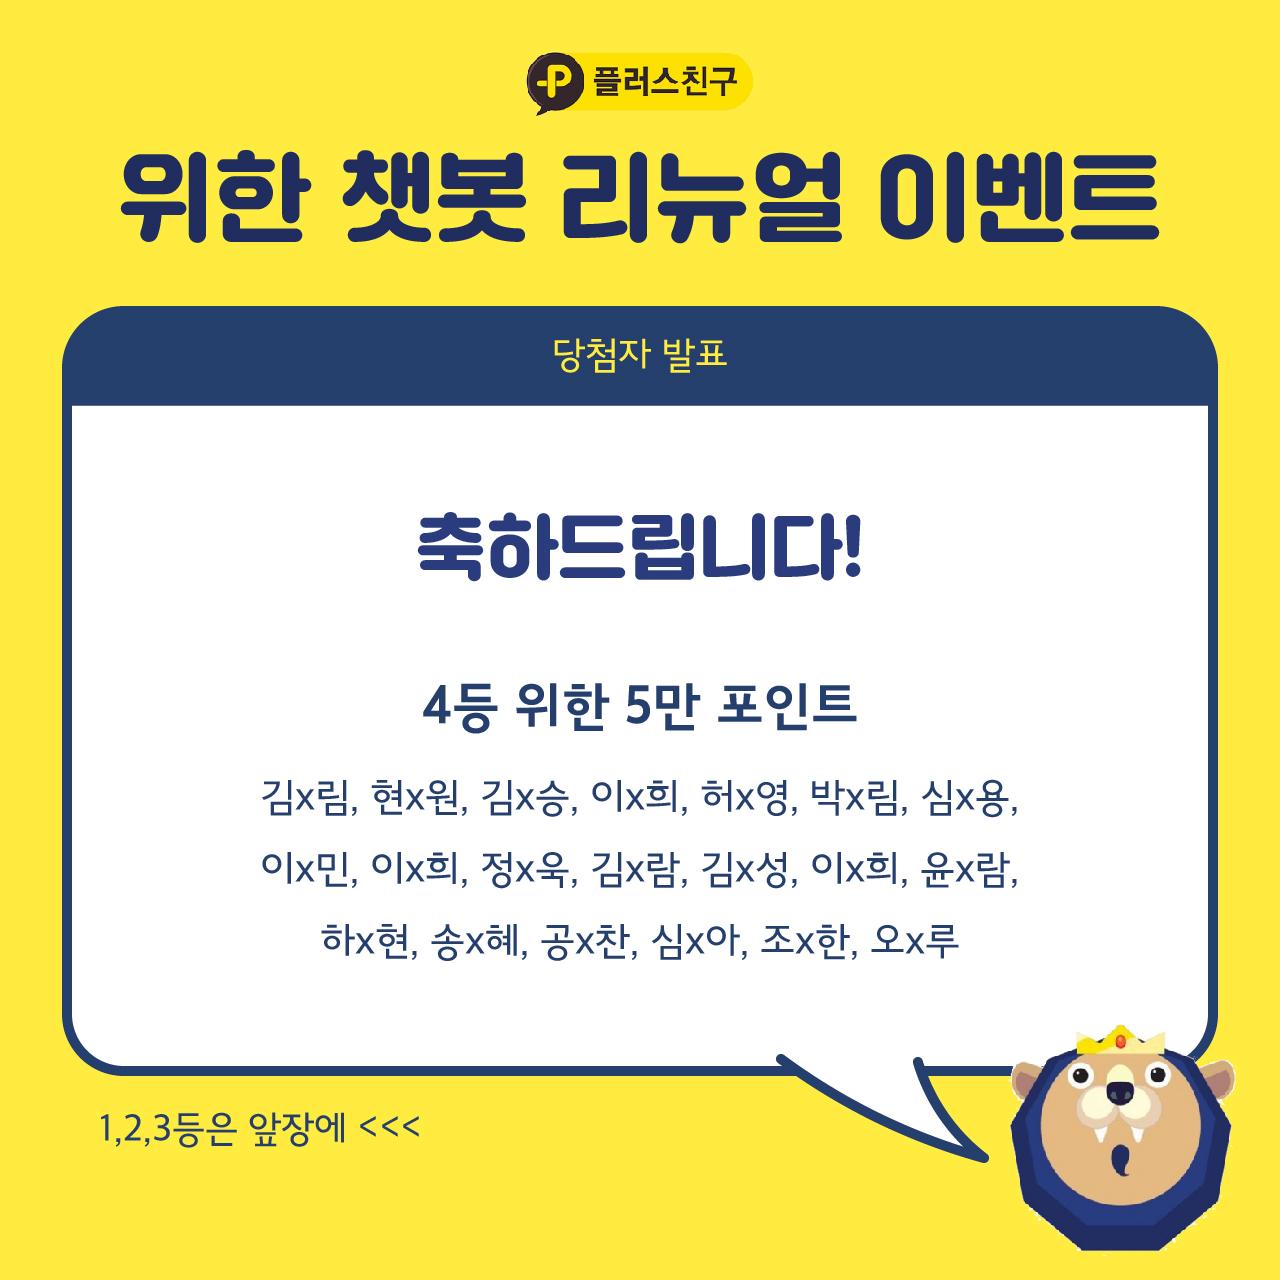 KakaoTalk_20200522_233849335_01.jpg